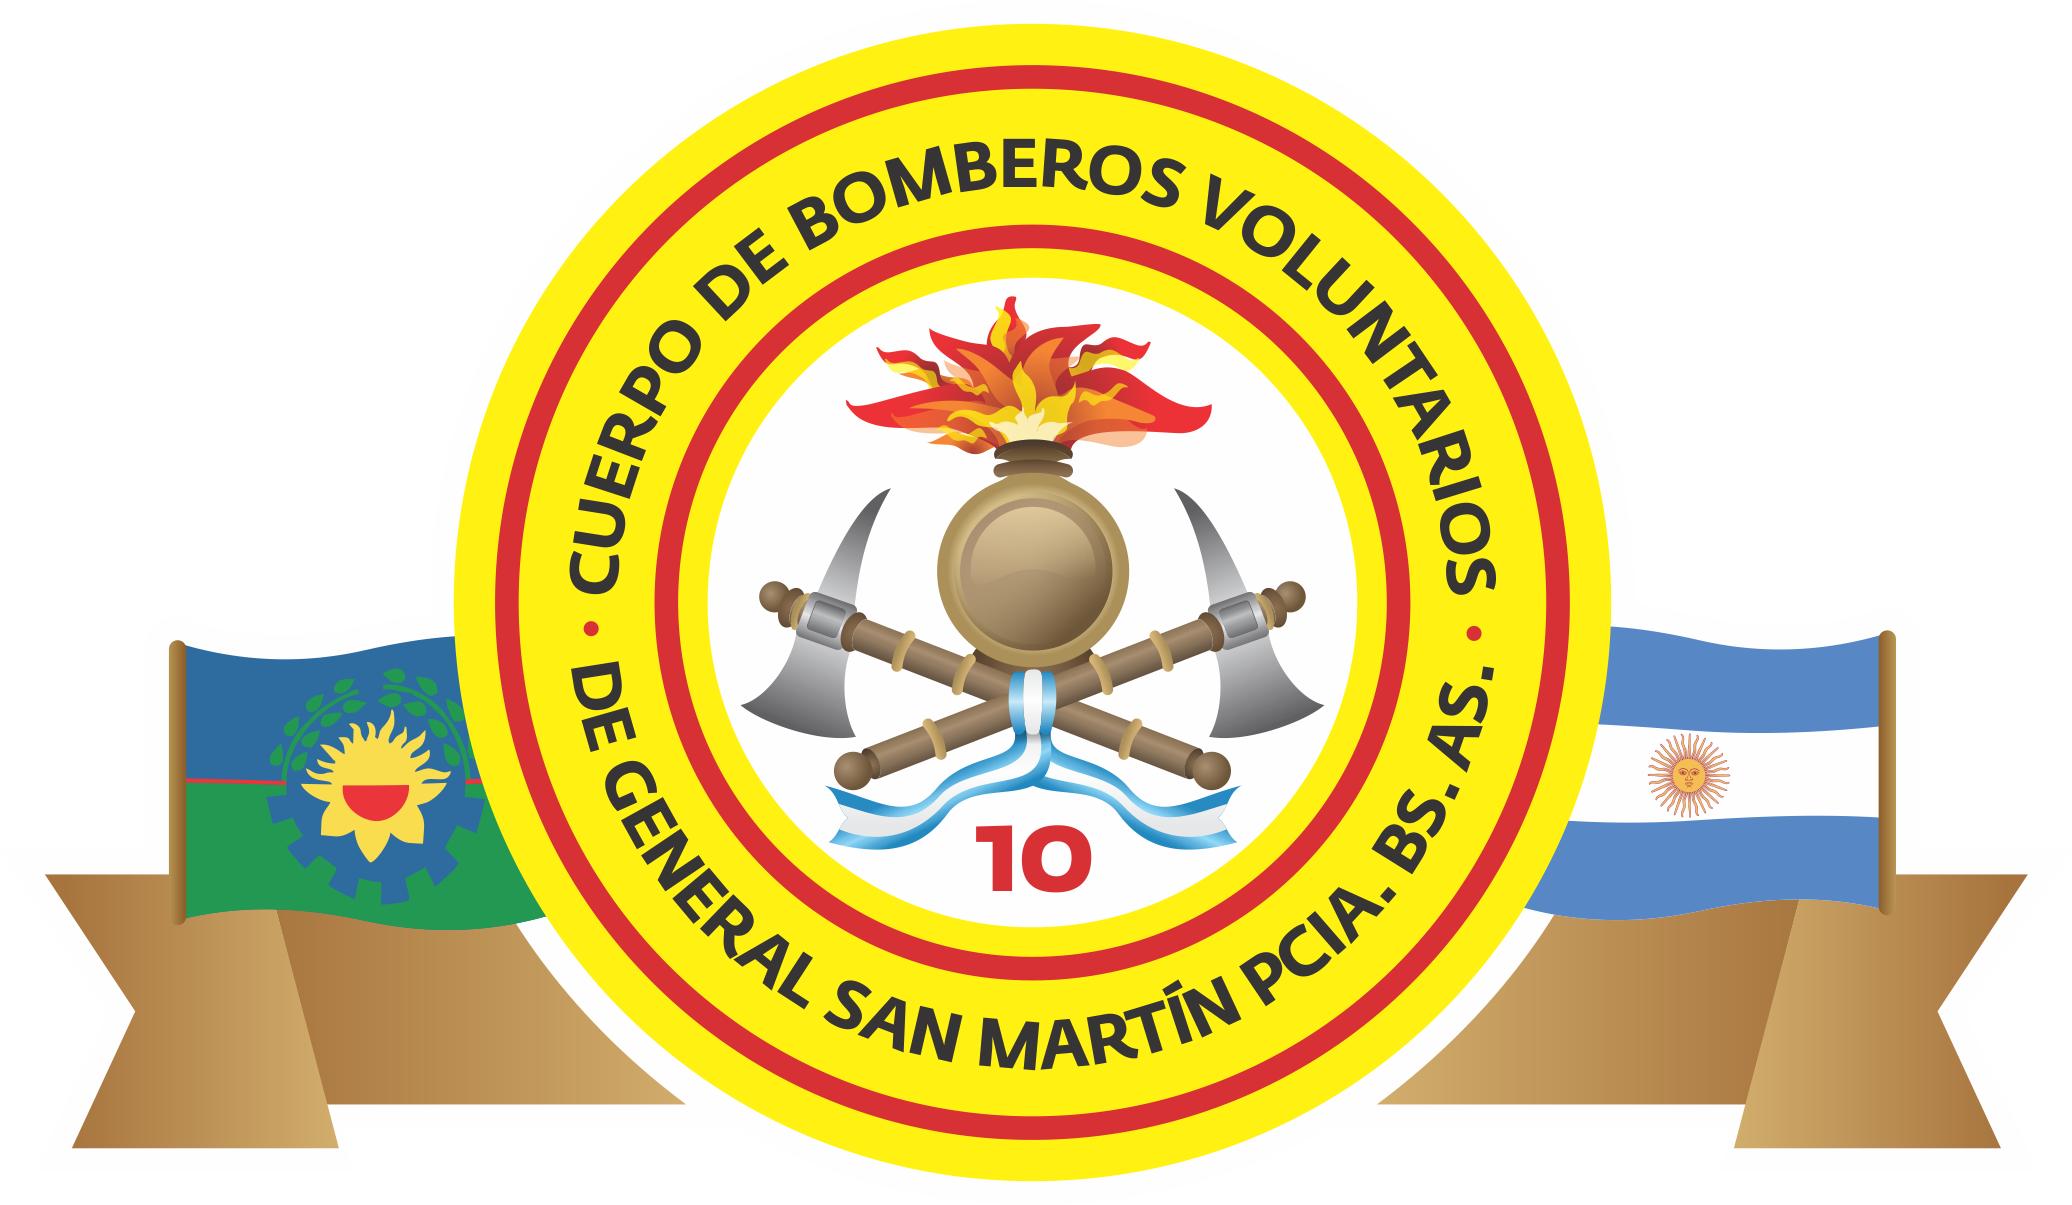 Bomberos San Martin